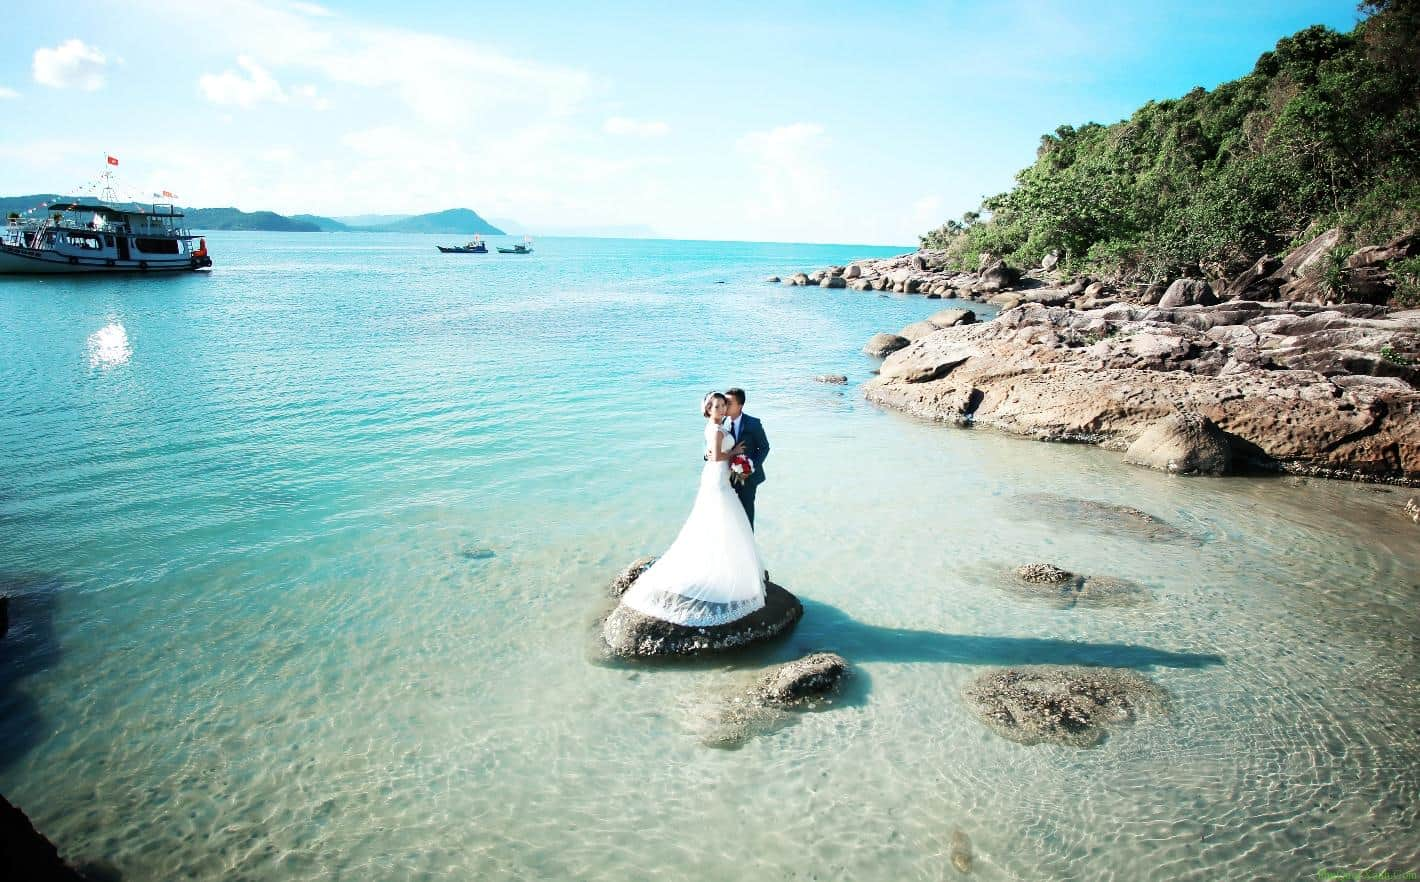 Kết quả hình ảnh cho ảnh cưới biển phú quốc